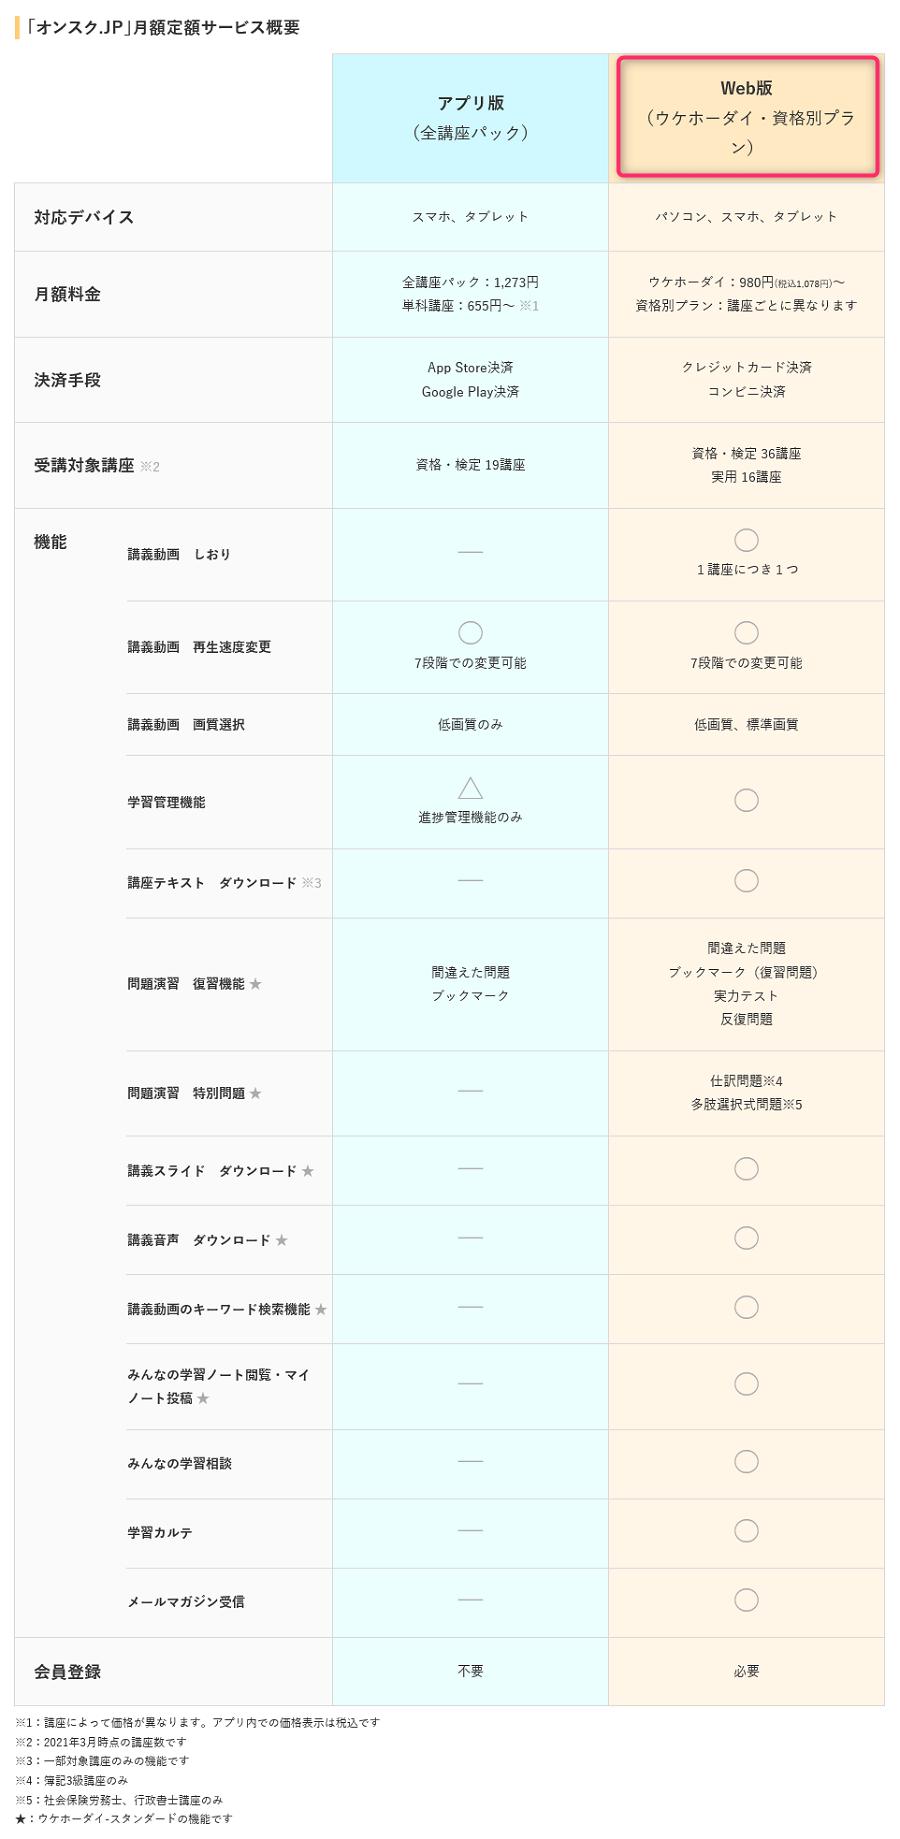 オンスク.JP宅建講座 アプリ版とWeb版の比較